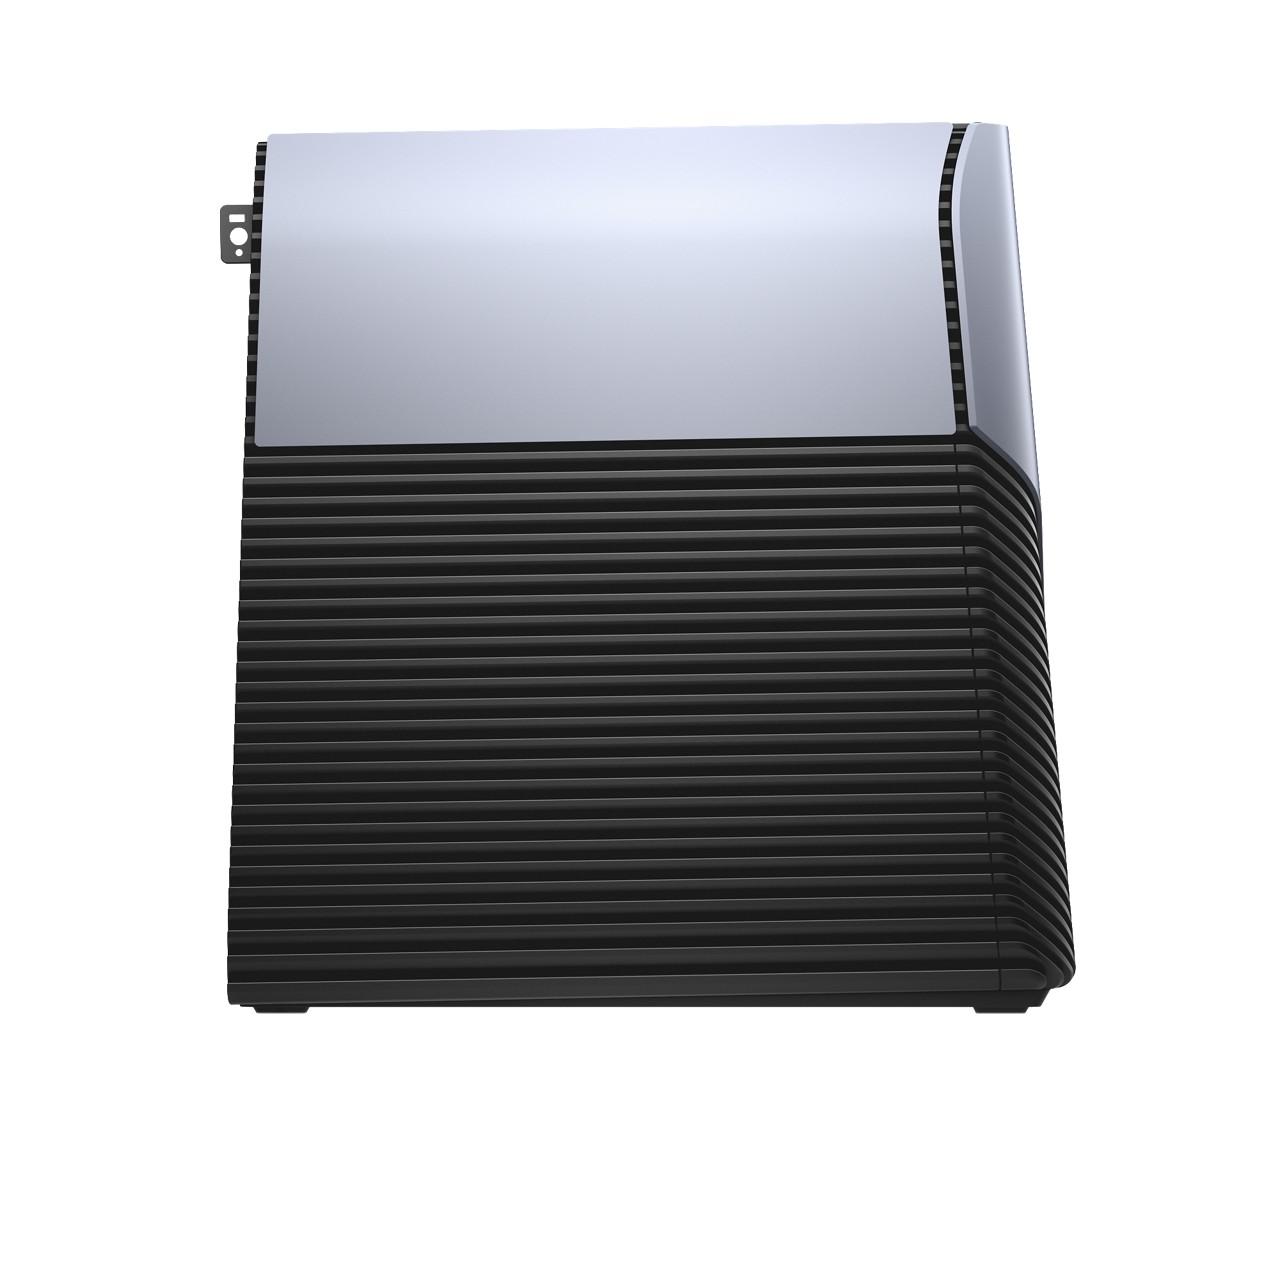 Inspiron Gaming Desktop- RX 580- AMD Ryzen 7 2700X- 256GB SSD + 1TB HDD-  16GB RAM